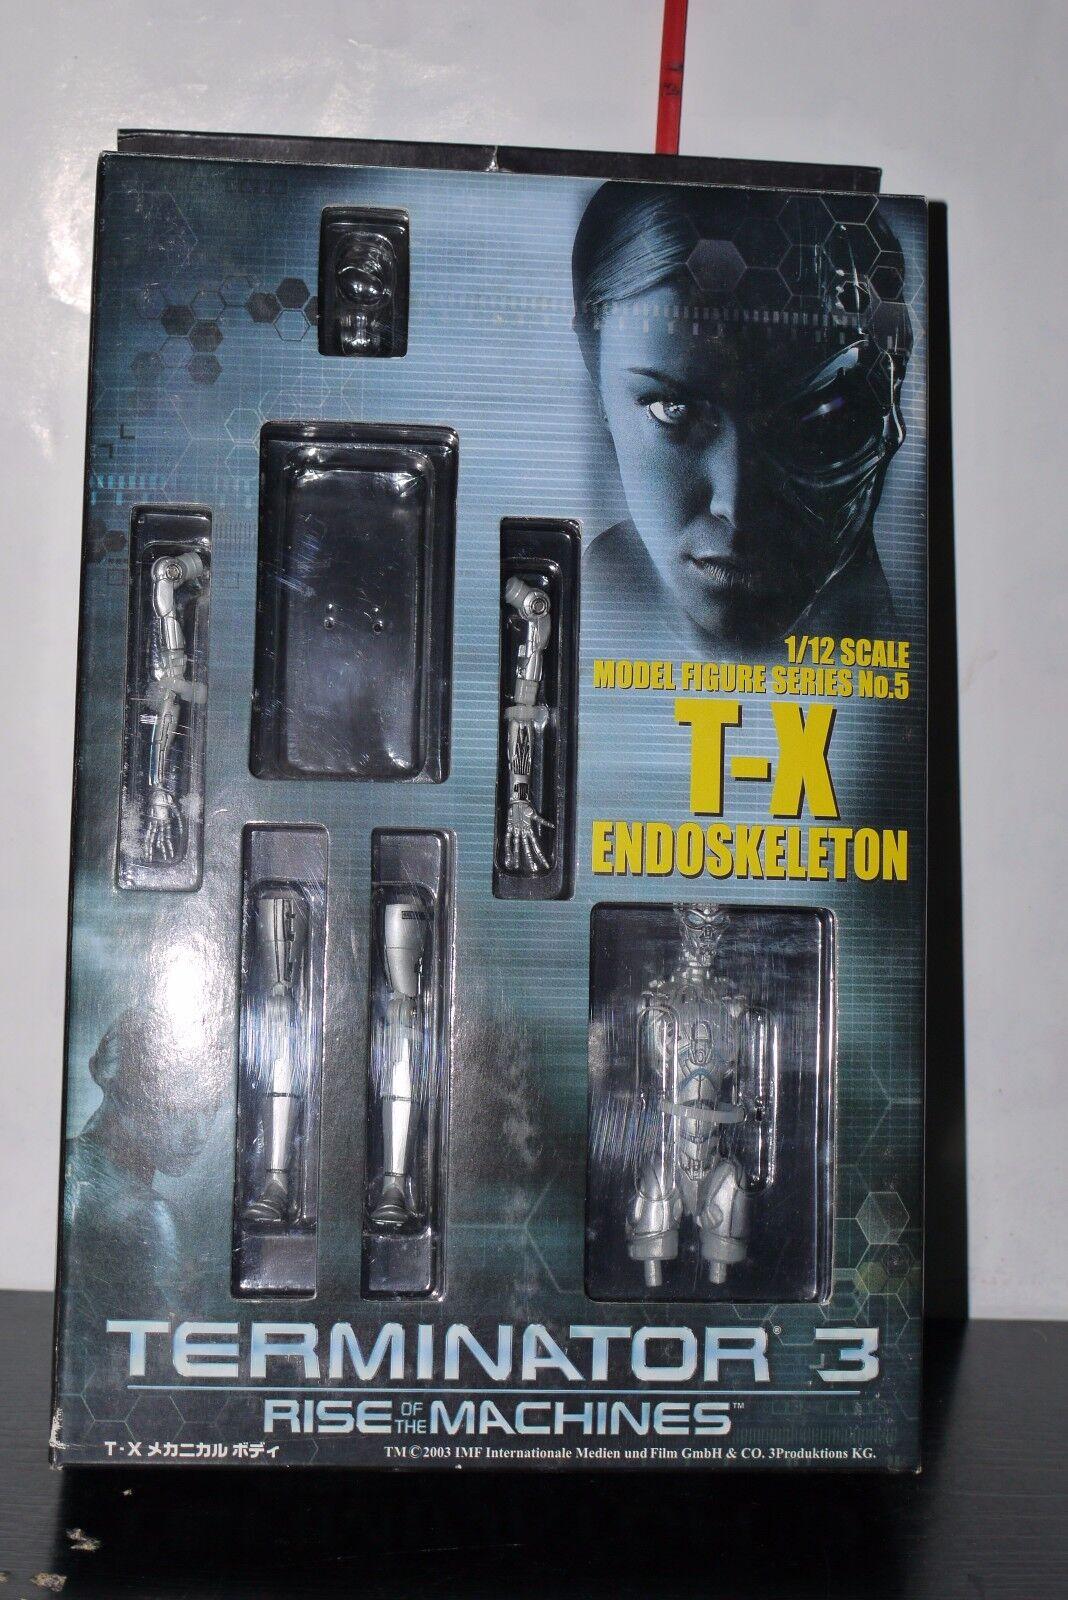 tienda de pescado para la venta Skynet Skynet Skynet 1 12 Figura Terminator 3 aumento de las máquinas T-x Terminatrix resistencia  respuestas rápidas